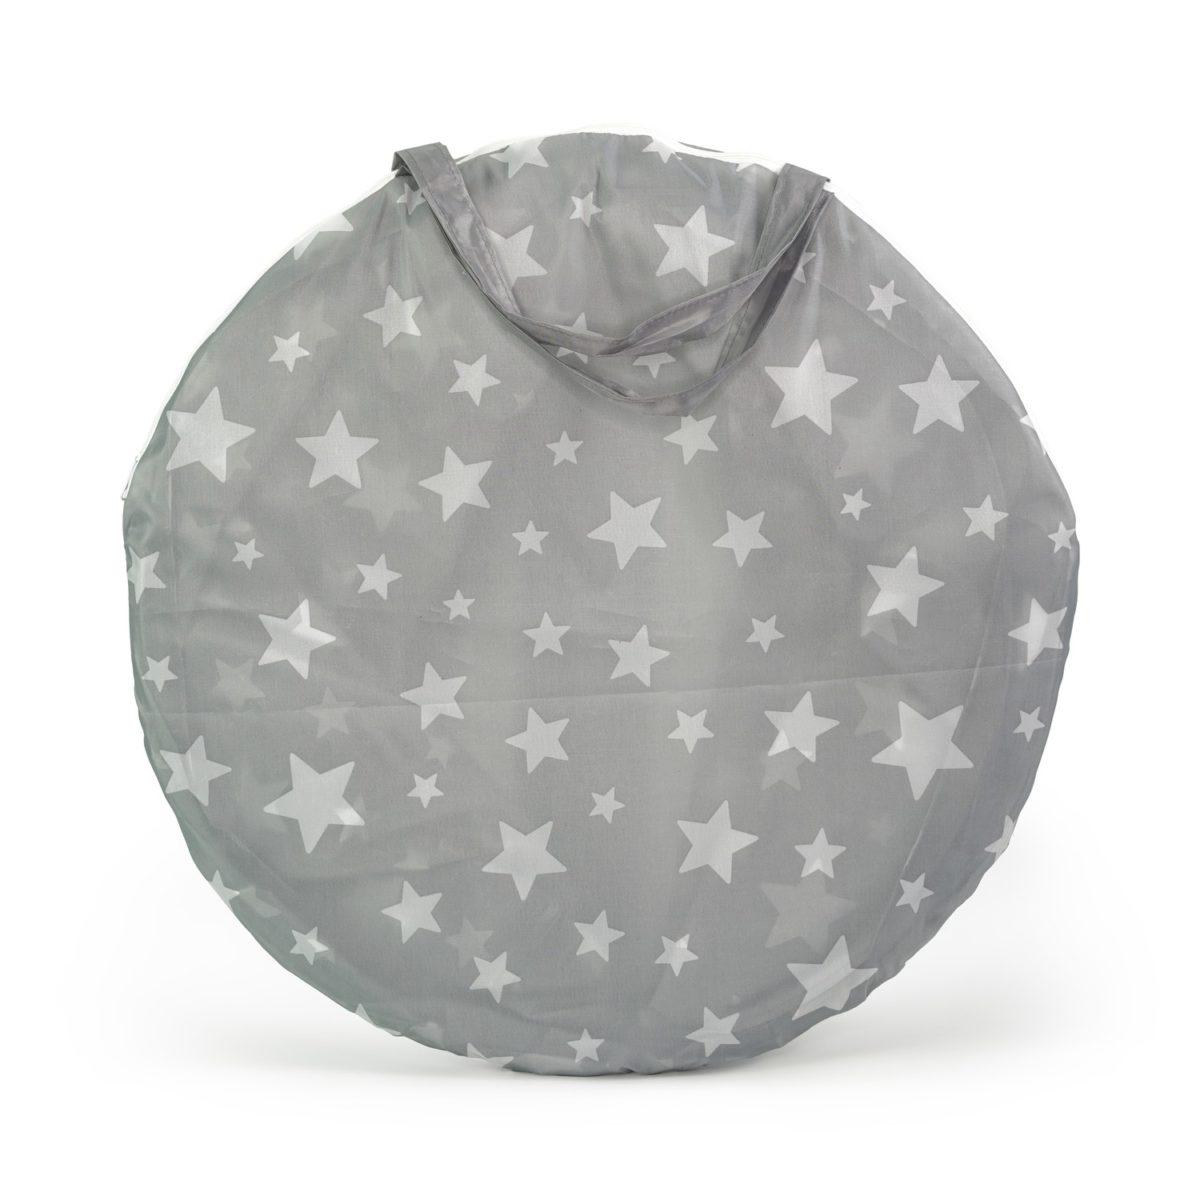 Spieltunnel Star grau